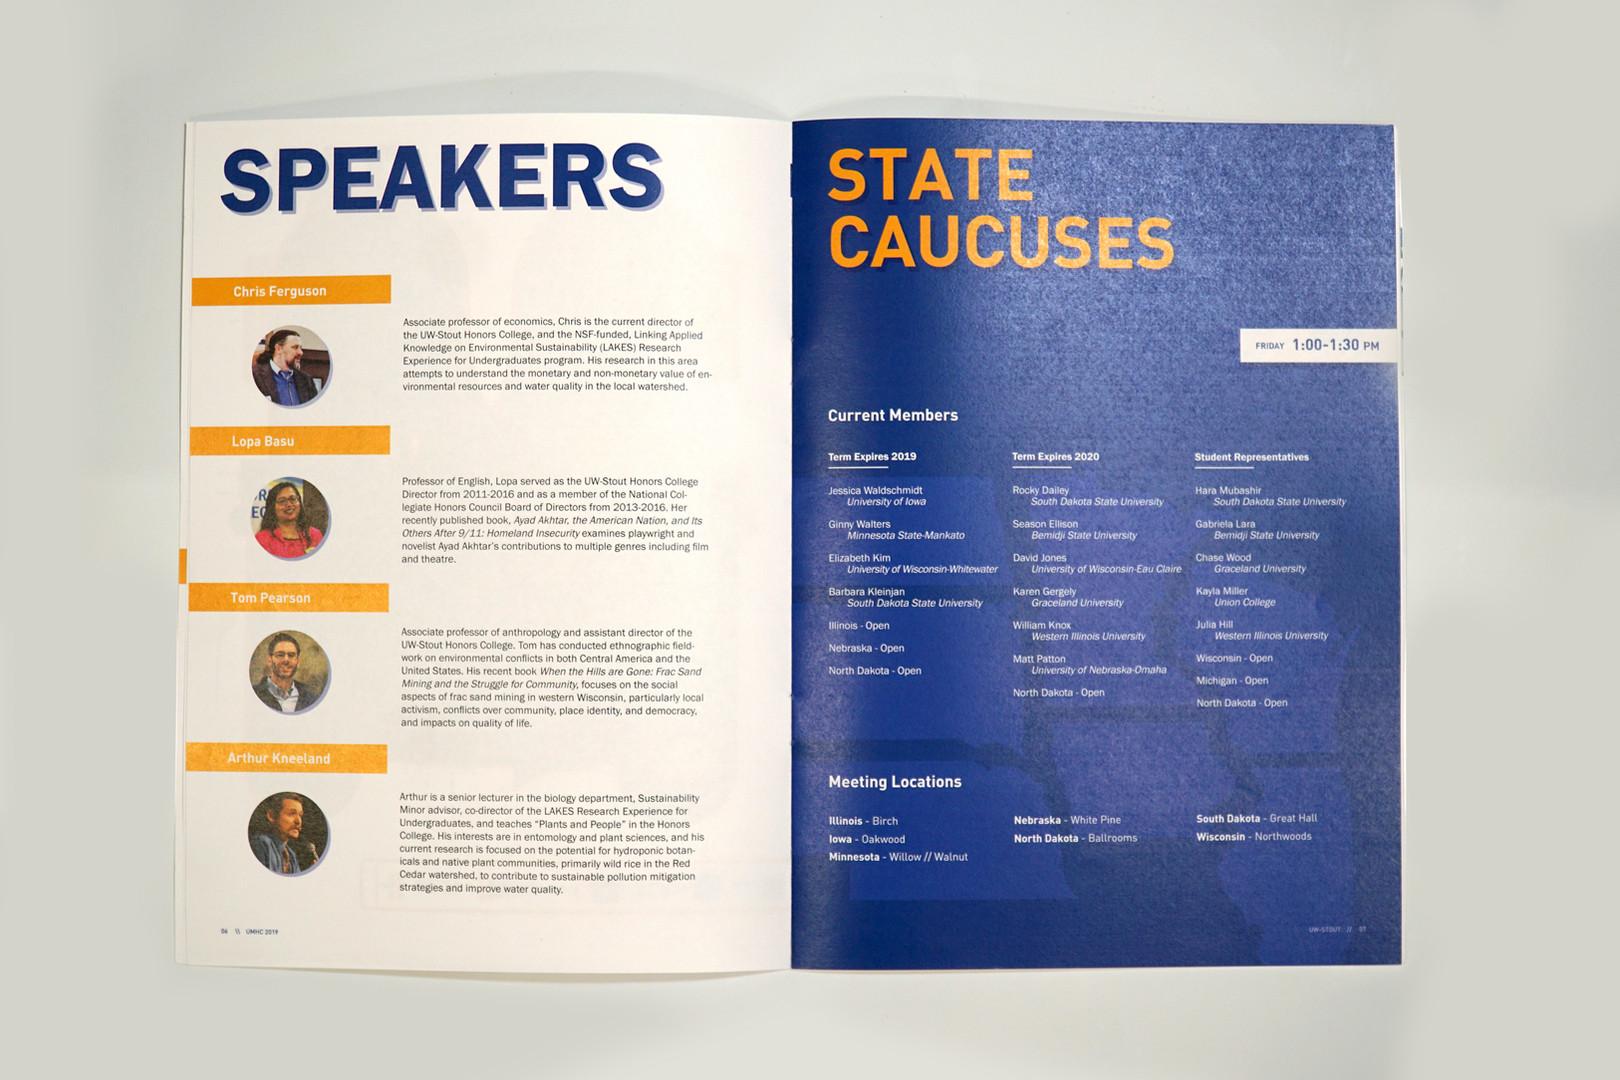 Speakers + State Caucuses